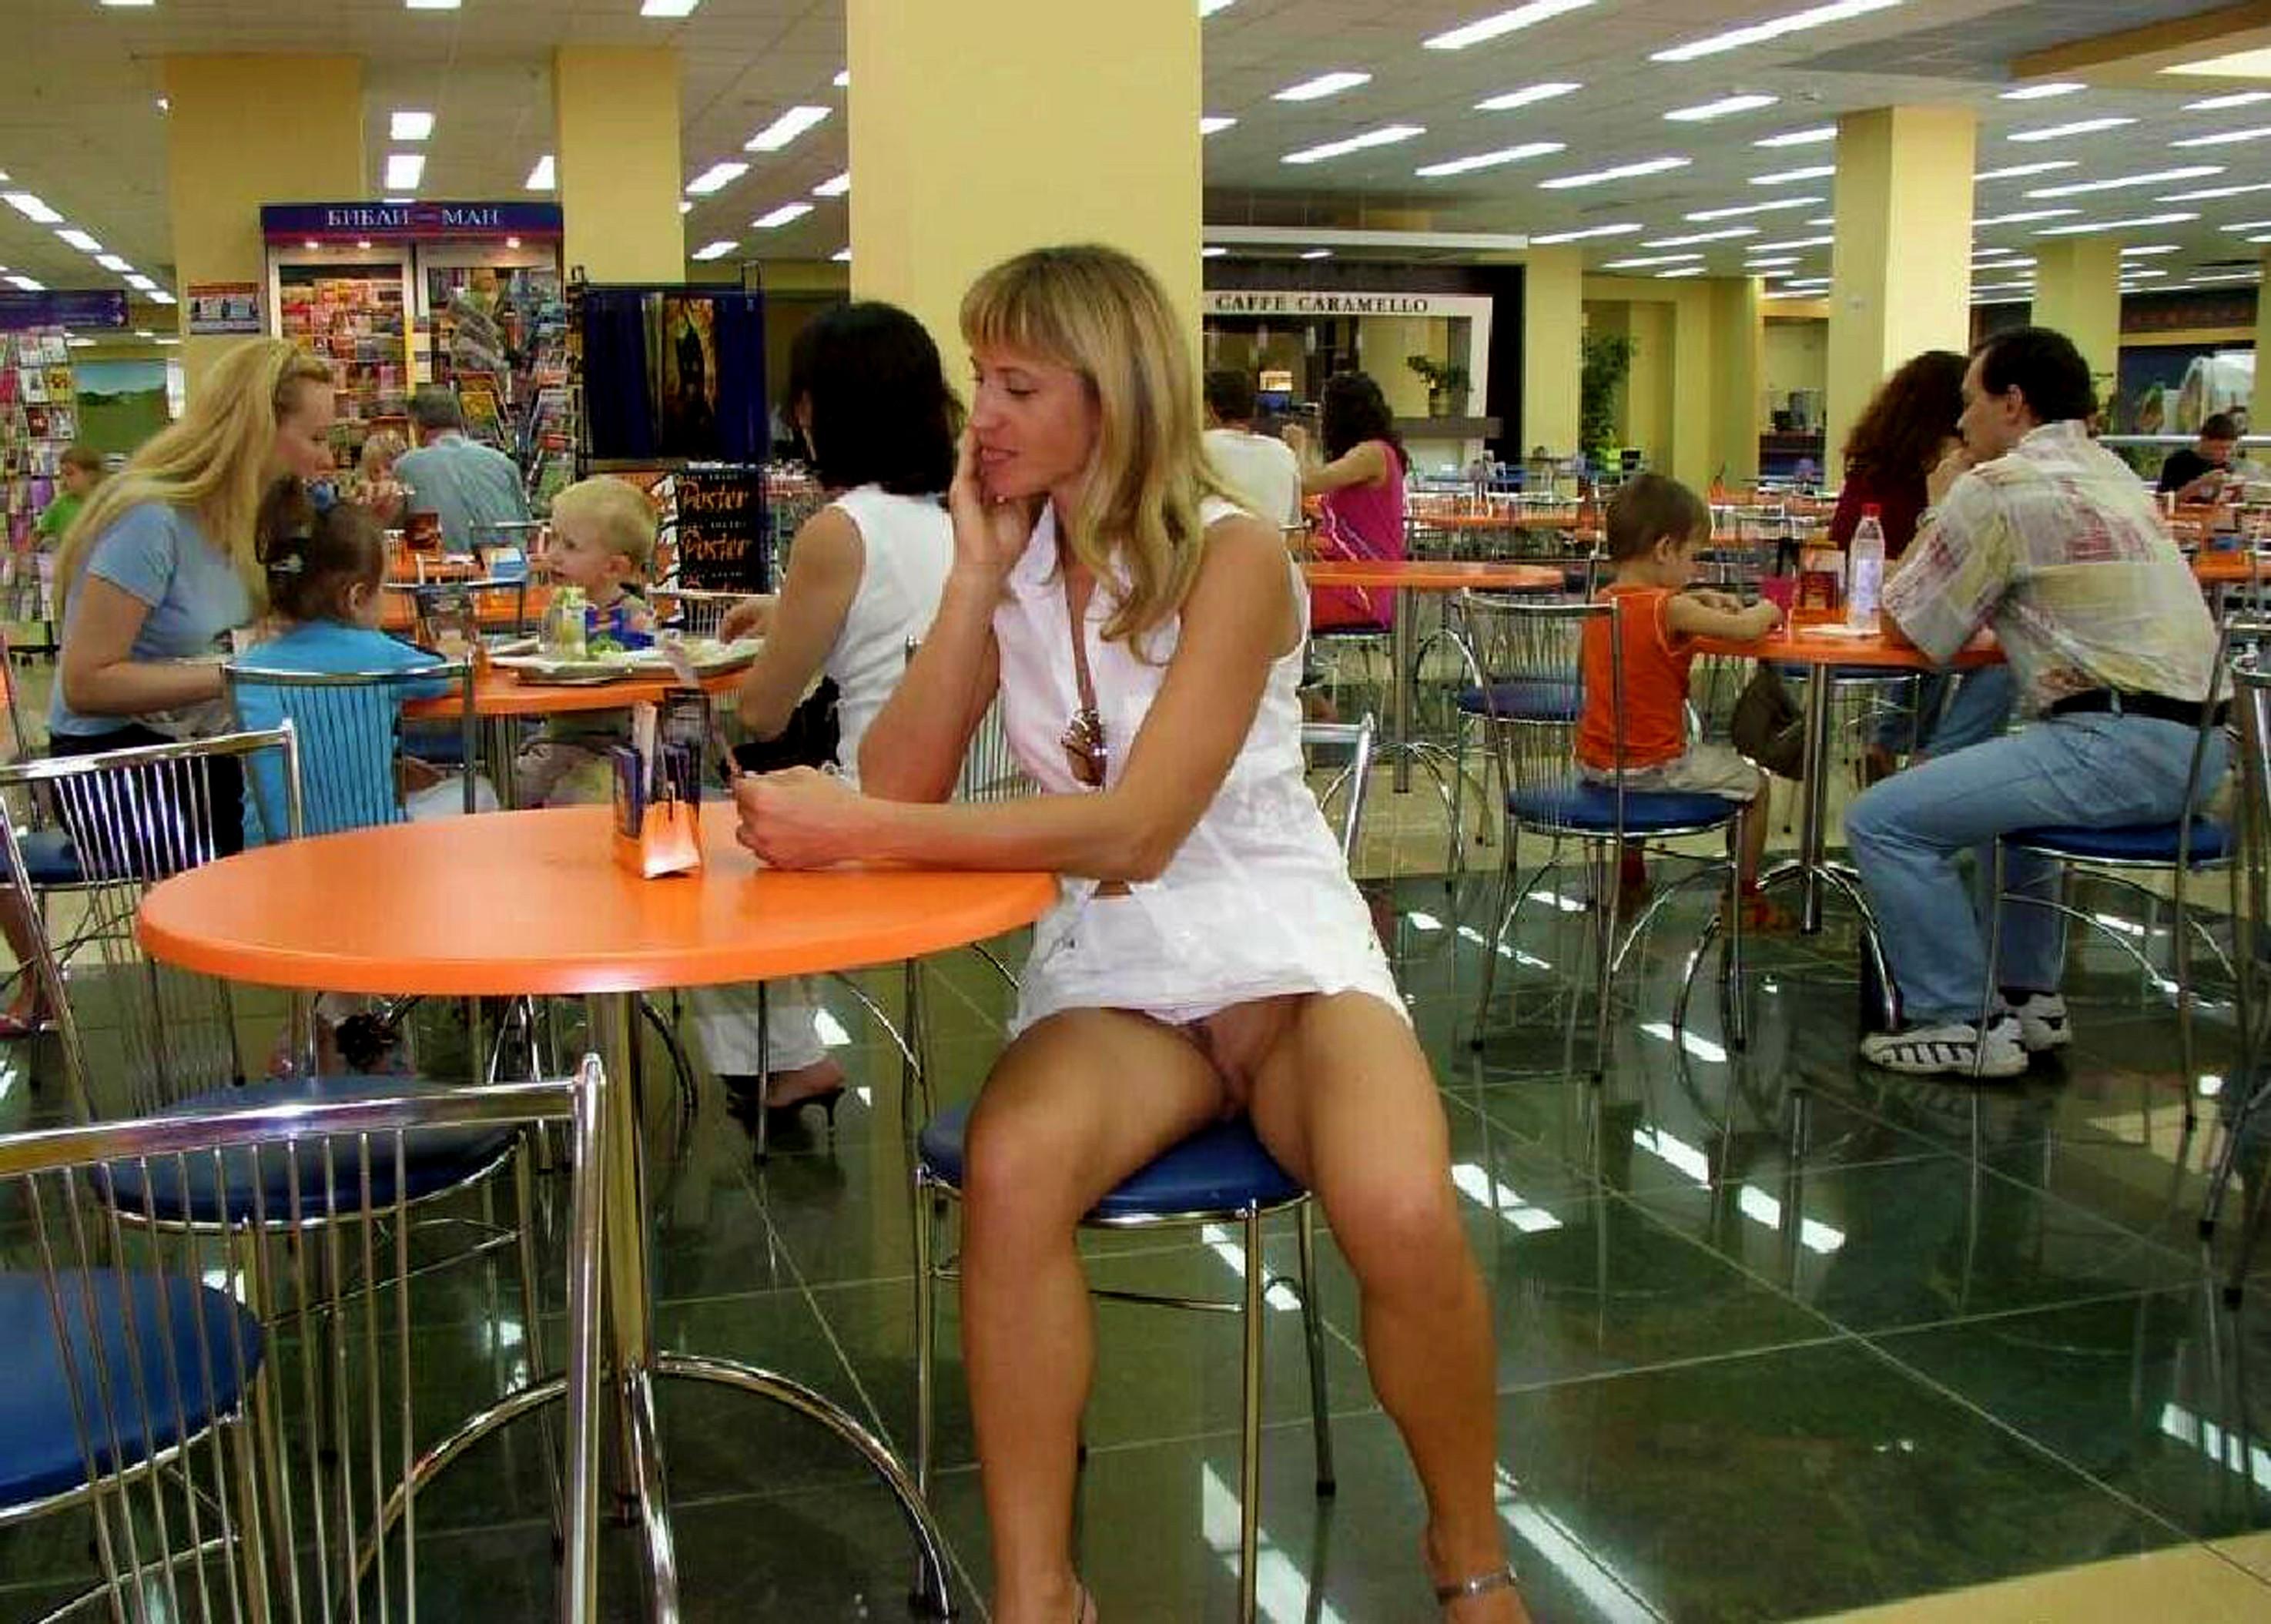 Трусики под юбкой в кафе 6 фотография